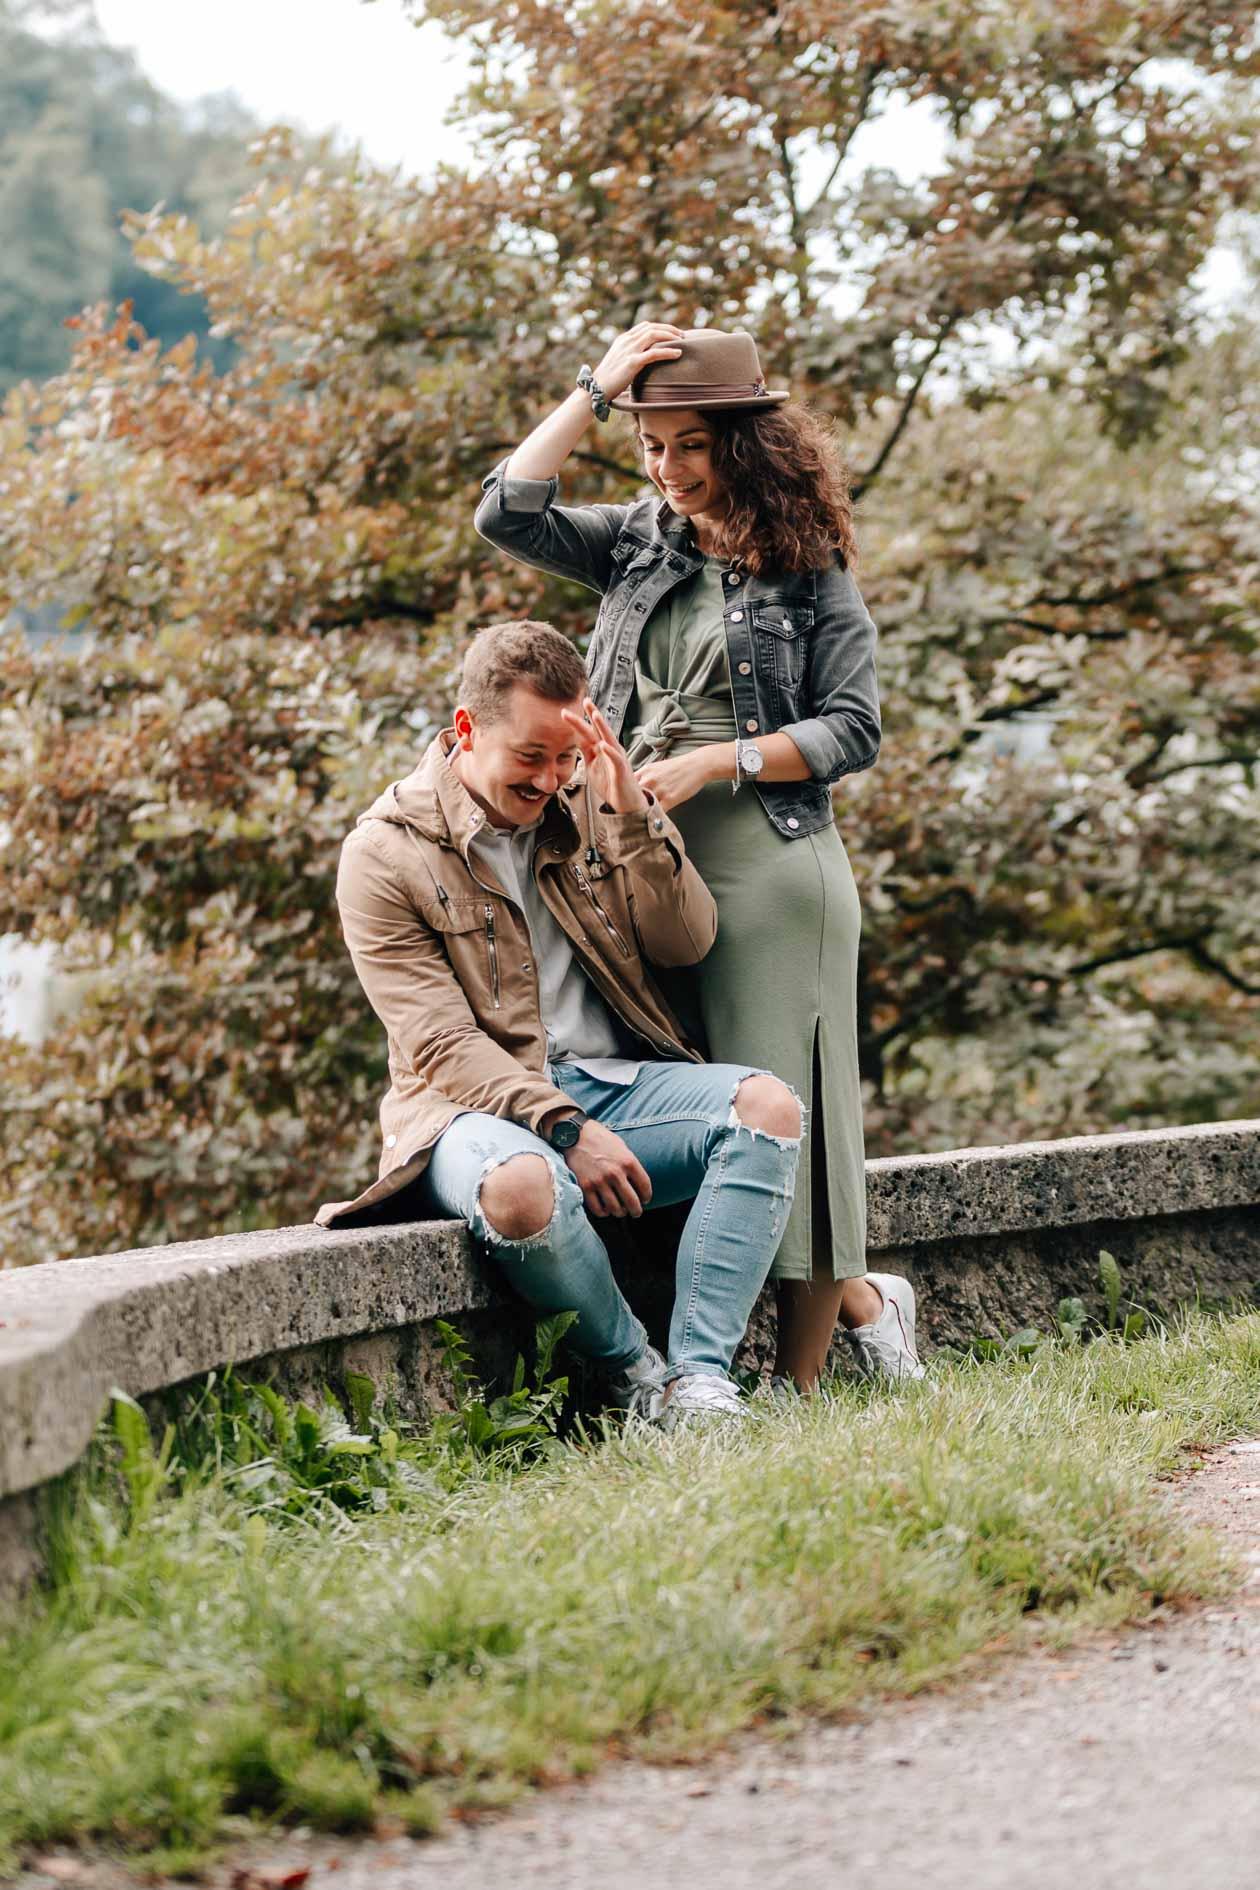 Paarbilder   Fotos Freund und Freundin   in der Natur   Wassserburg am Inn